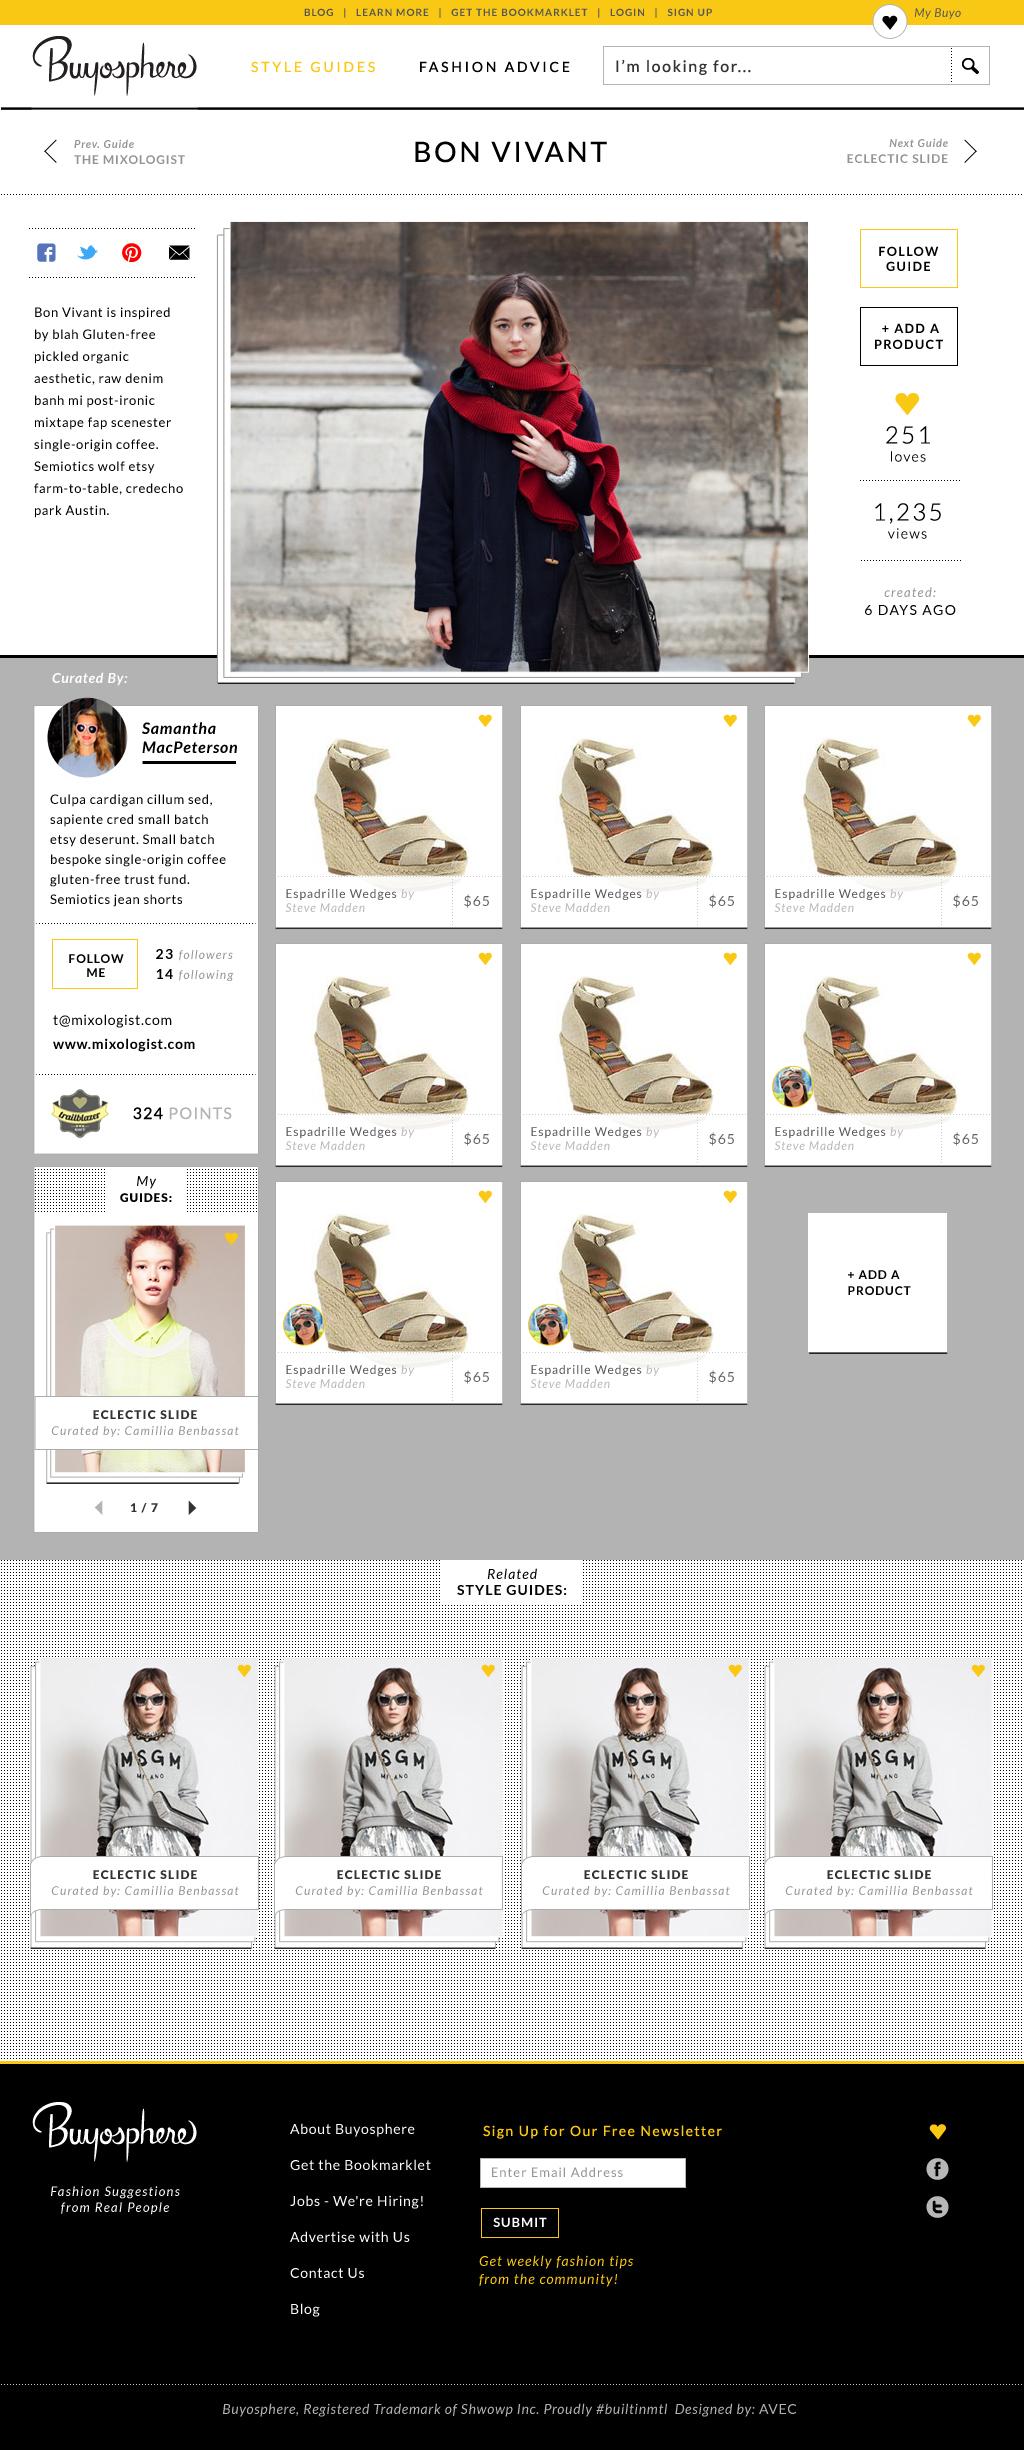 buyosphere-website-styleguide.jpg